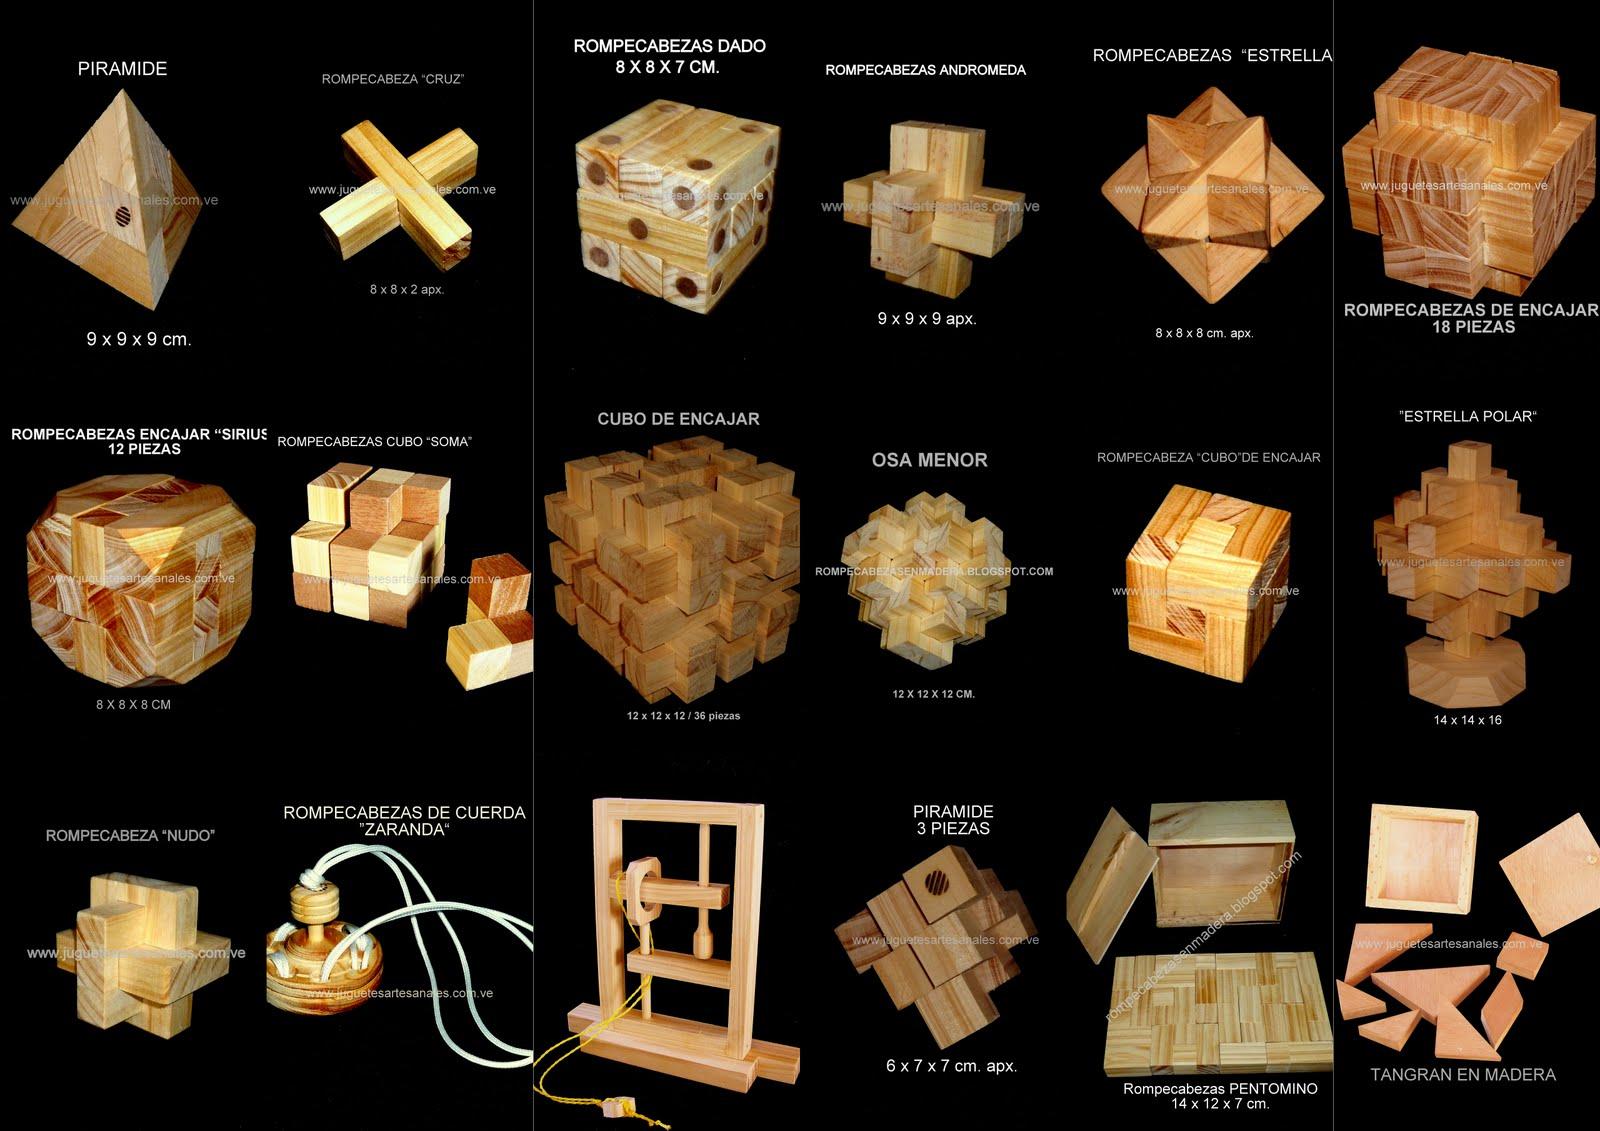 Rompecabezas de encajar en madera.